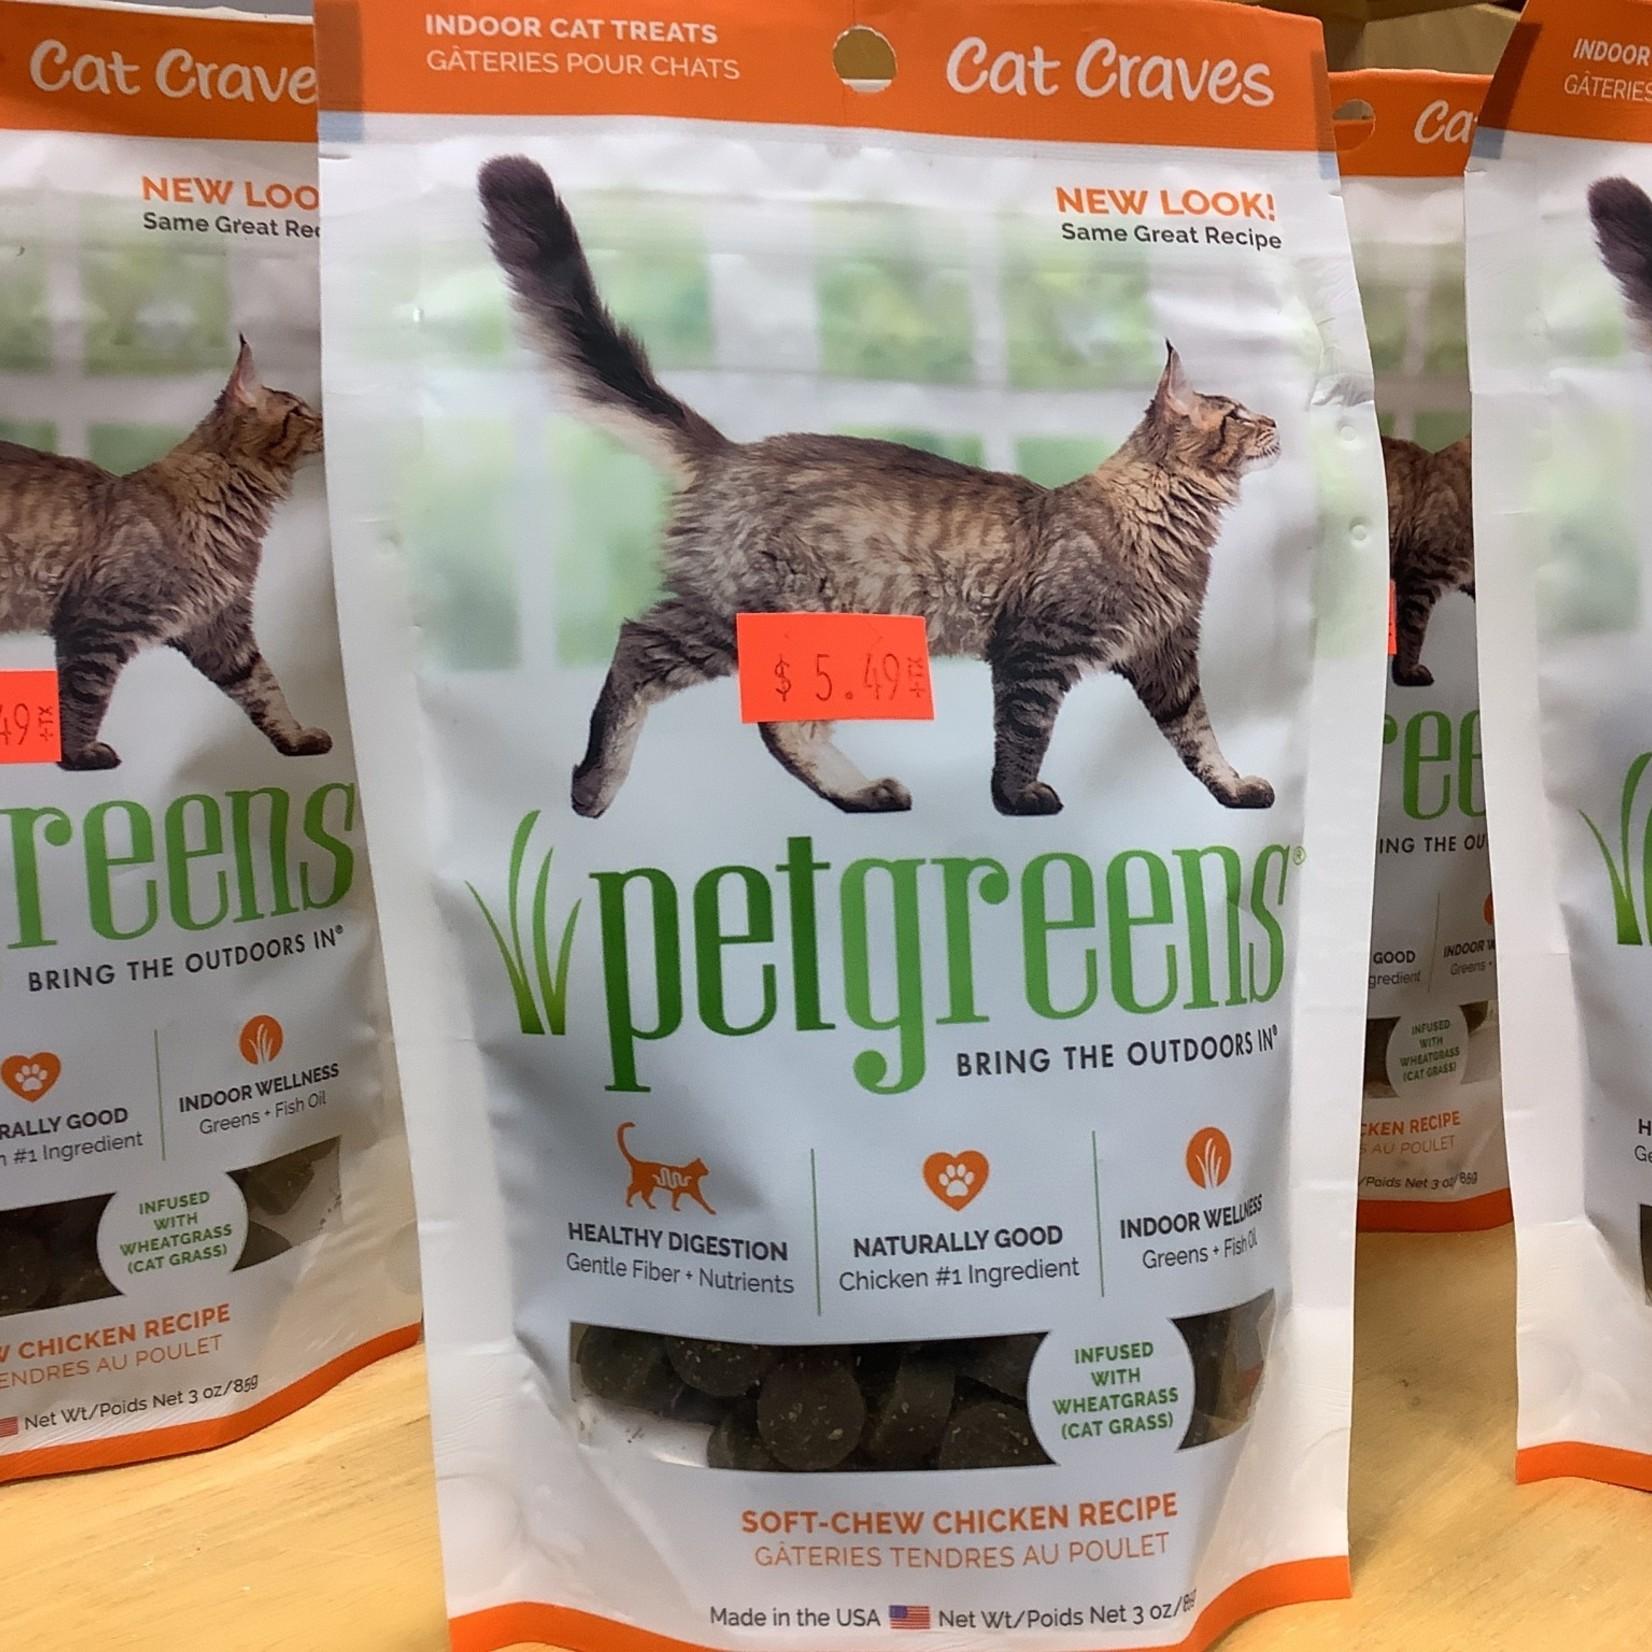 BellRock Poulet-Gâteries molles à mâcher-85g-Cat PetGreens